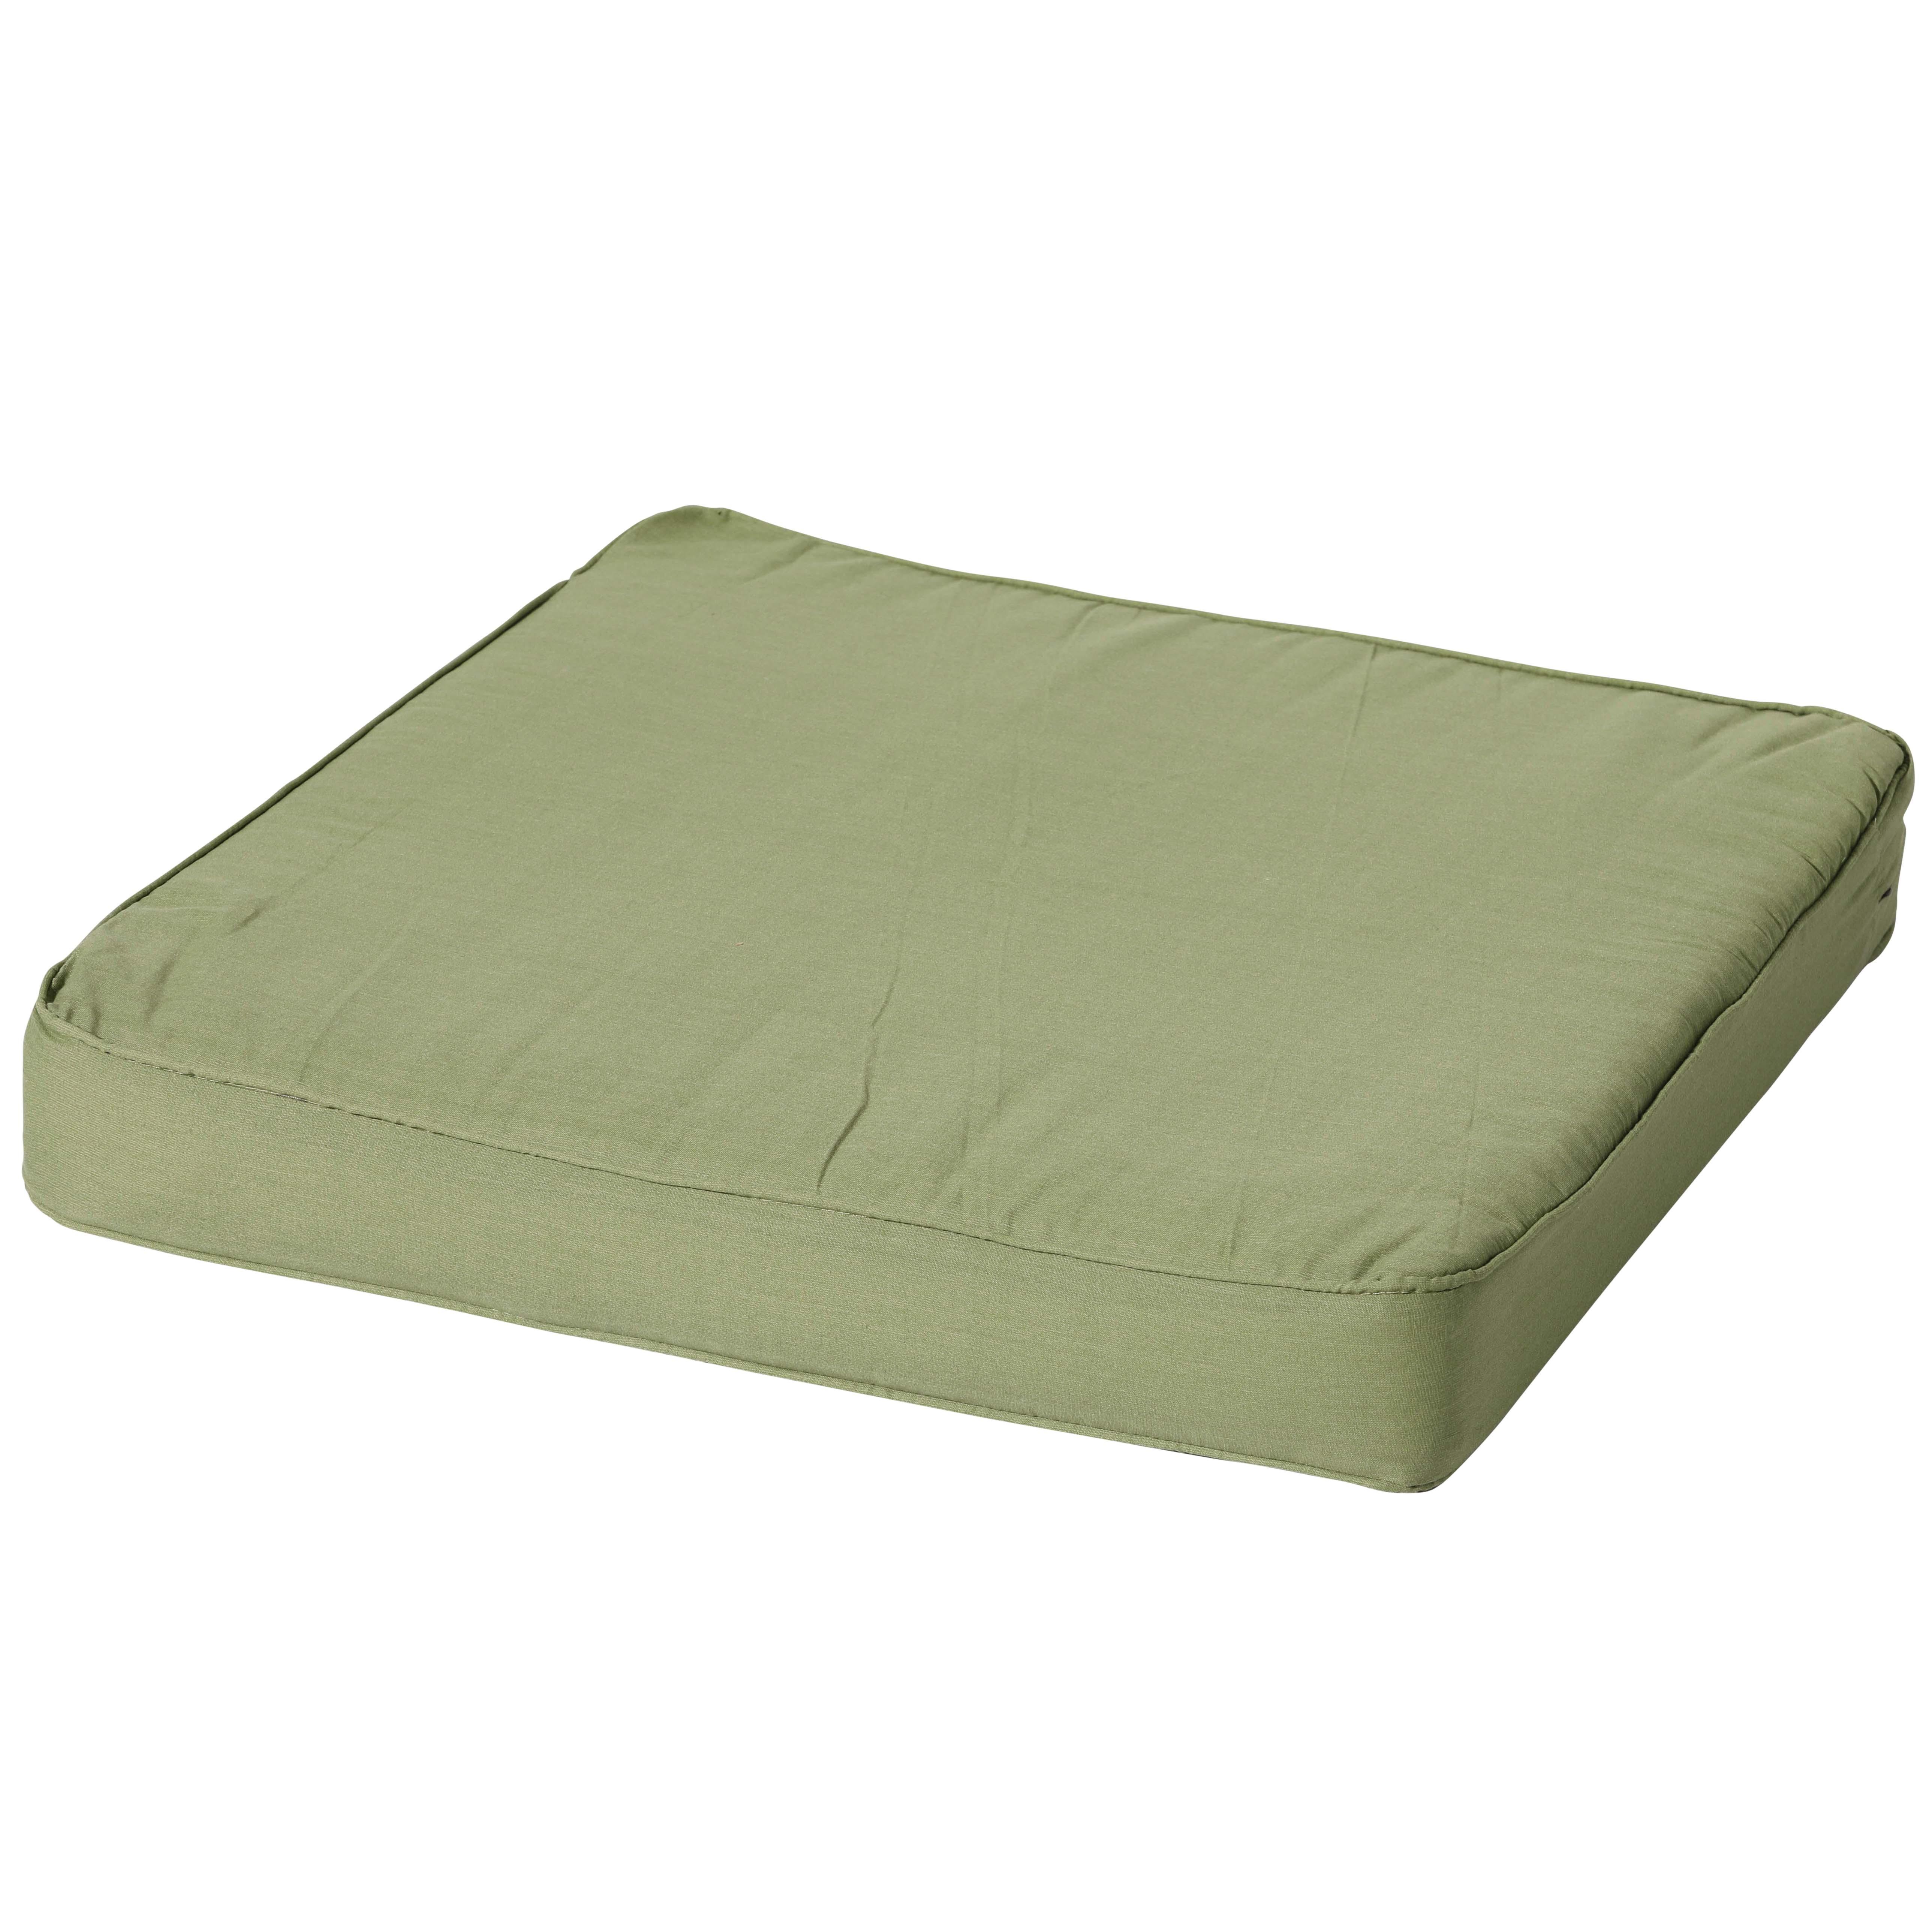 Loungekussen 60x60cm - Carré Basic green